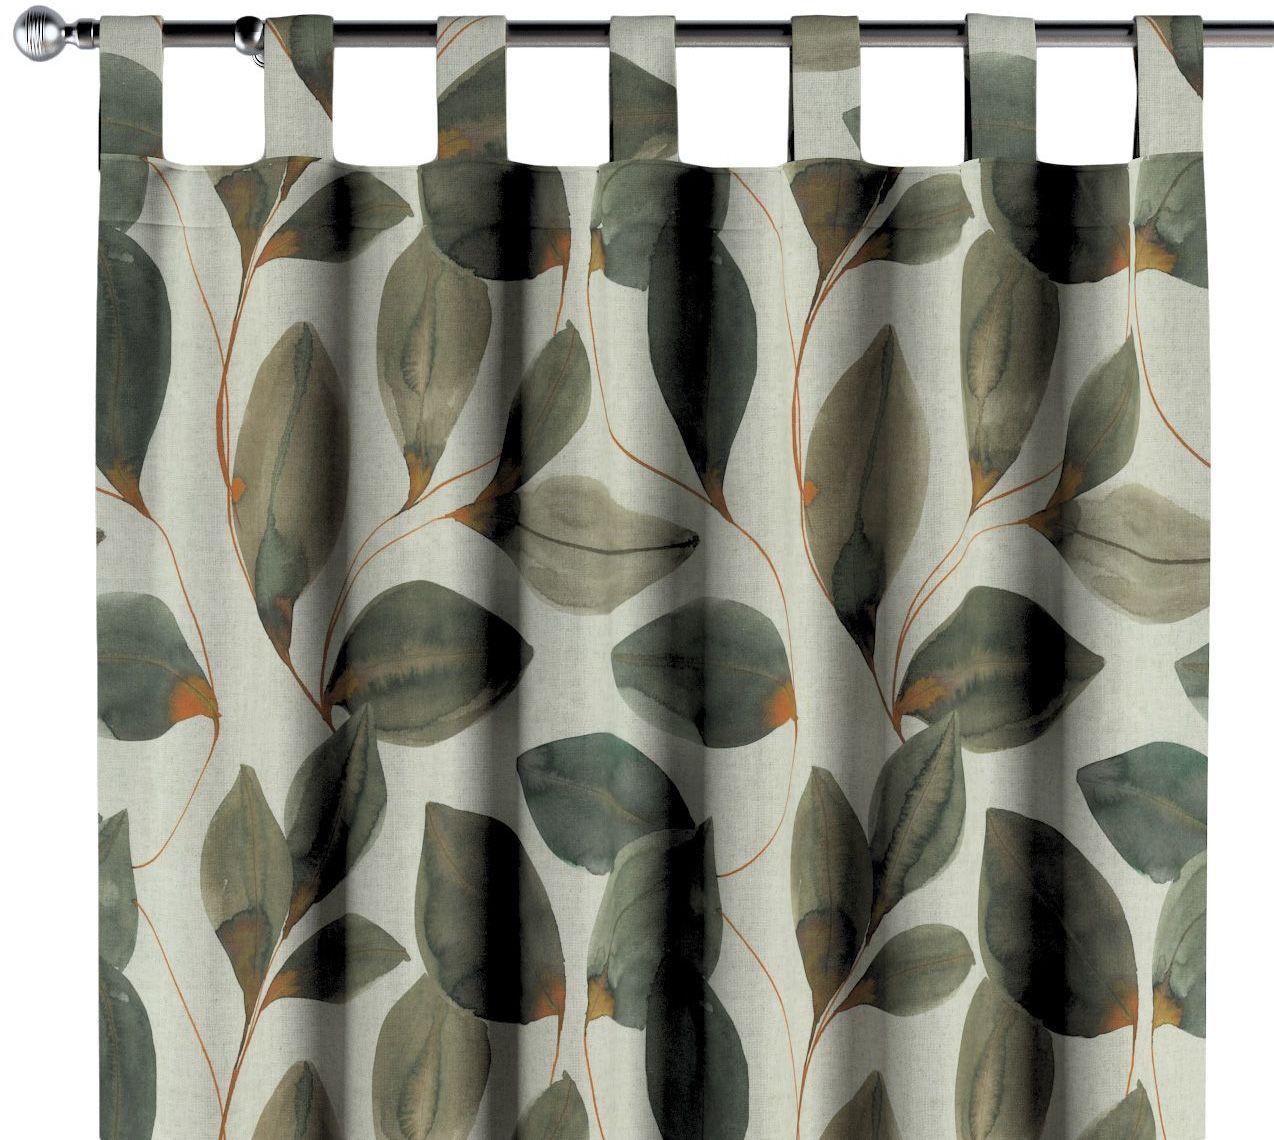 Zasłona na szelkach 1 szt., brązowo-pomarańczowe liście na szarym lnianym tle, 1szt 130  260 cm, Abigail